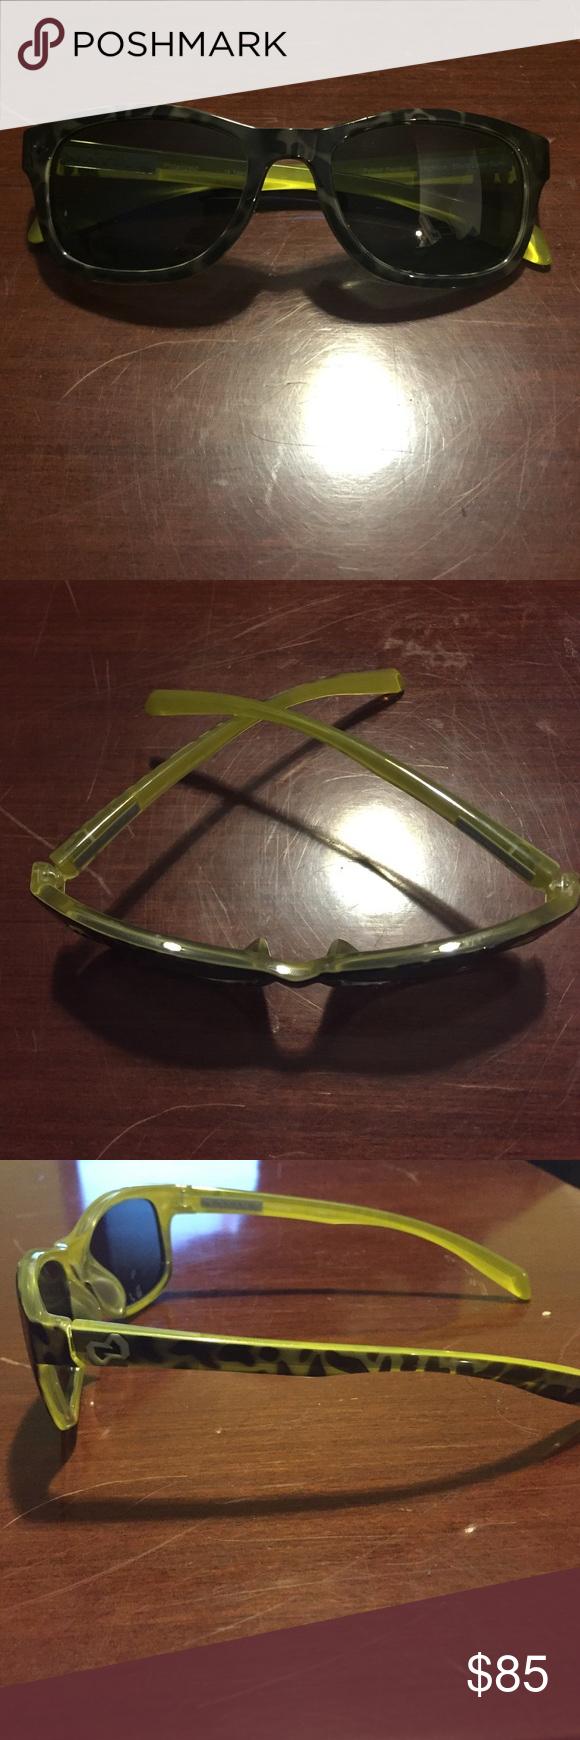 1564b18c56c Selling this Native Eyewear Highline Polarized Sunglasses. on Poshmark! My  username is  hmedeau.  shopmycloset  poshmark  fashion  shopping  style   forsale ...